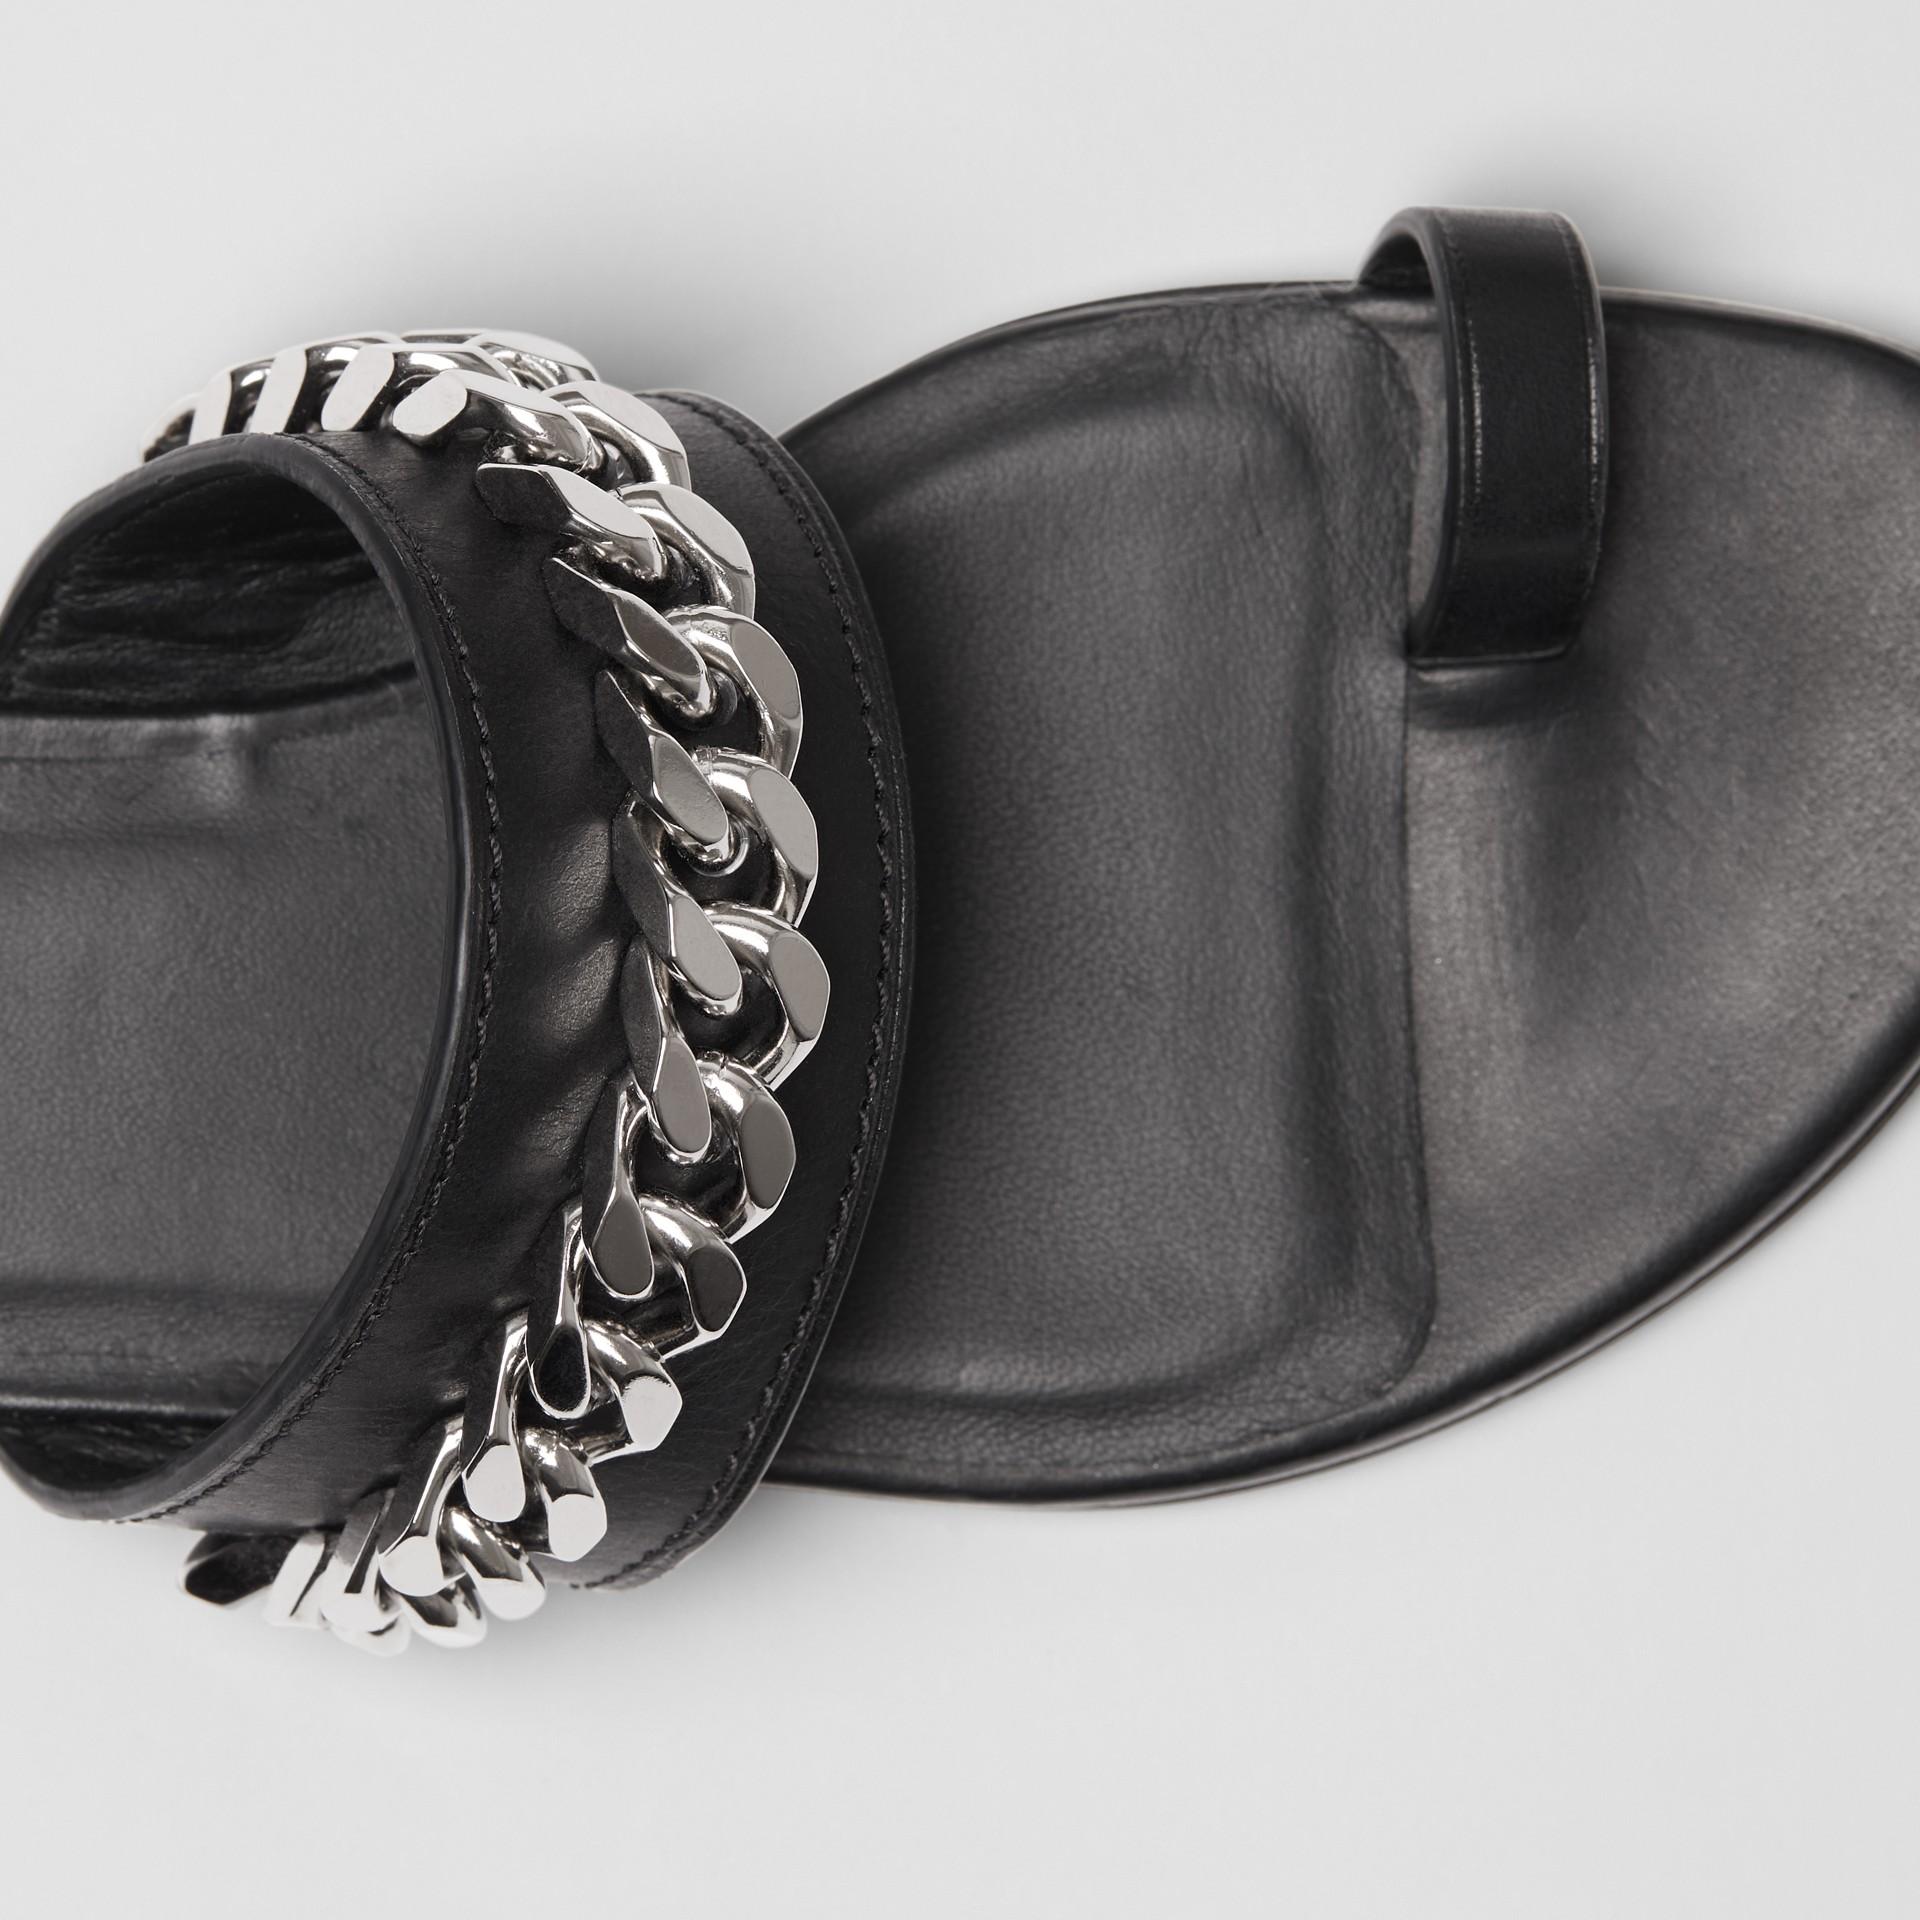 鍊飾細節設計皮革涼鞋 (黑色) - 女款 | Burberry - 圖庫照片 1